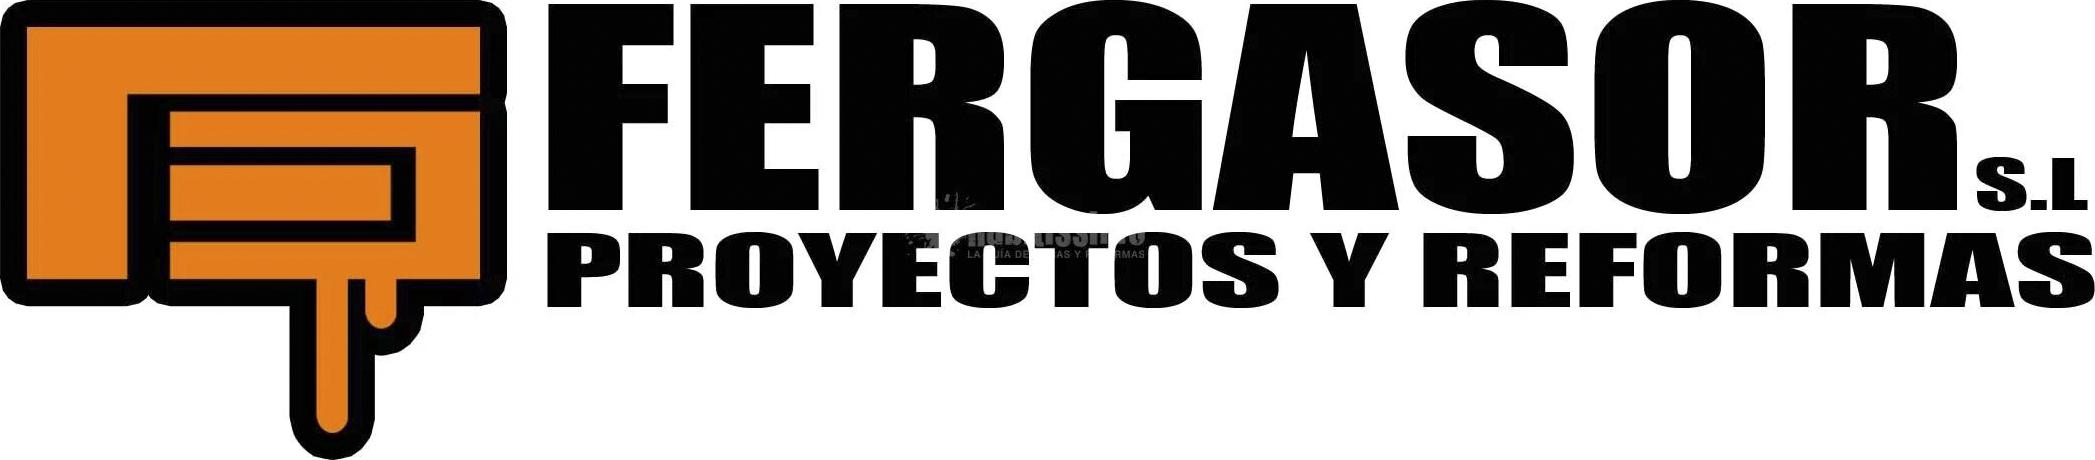 fergasor_logo